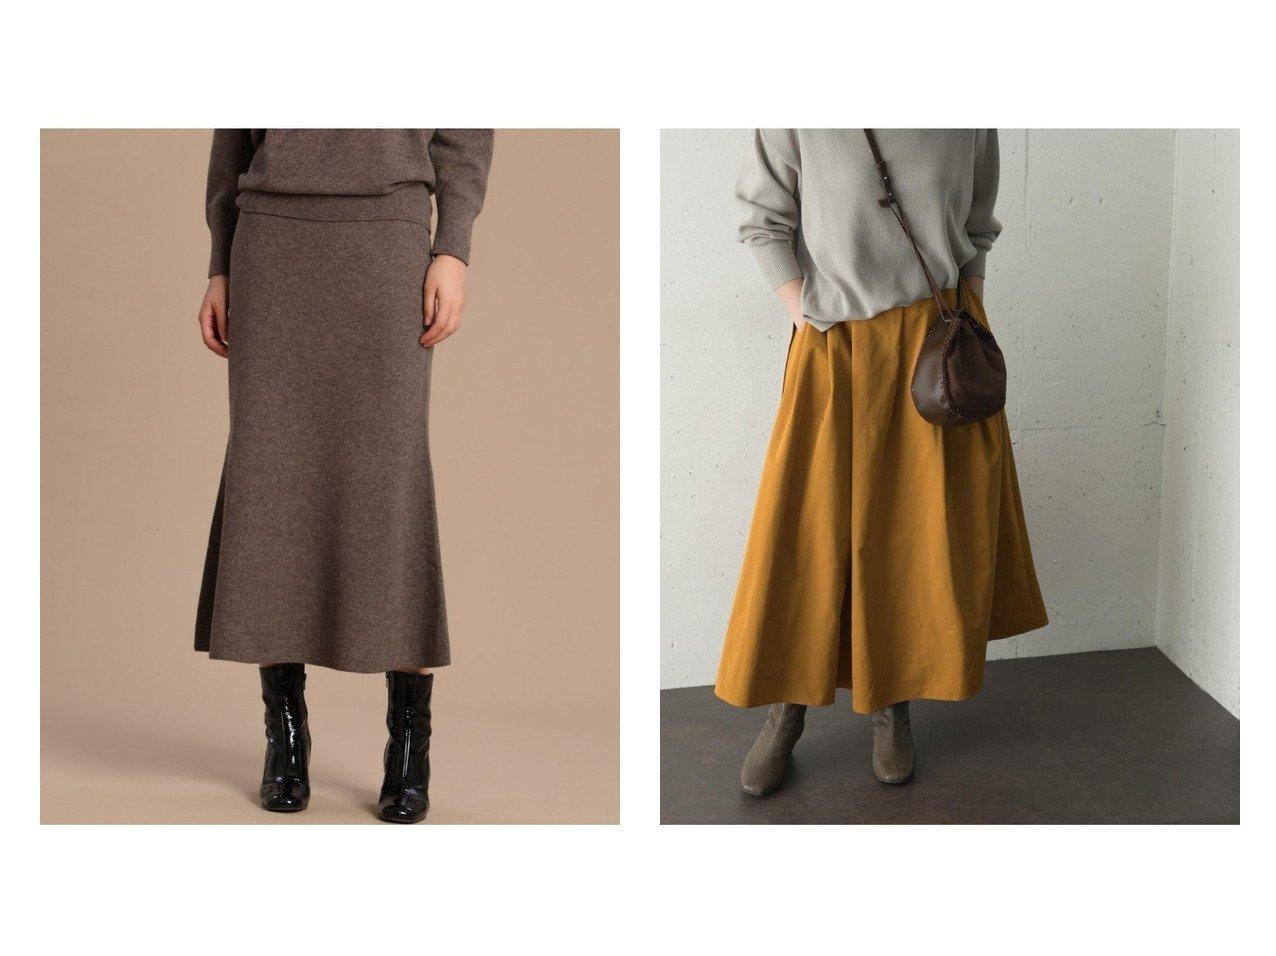 【URBAN RESEARCH ROSSO/アーバンリサーチ ロッソ】のカラーマキシタックスカート&【INED/イネド】の《YVON》マーメイドニットスカート スカートのおすすめ!人気、レディースファッションの通販 おすすめで人気のファッション通販商品 インテリア・家具・キッズファッション・メンズファッション・レディースファッション・服の通販 founy(ファニー) https://founy.com/ ファッション Fashion レディース WOMEN スカート Skirt ロングスカート Long Skirt シンプル スタンダード マキシ A/W 秋冬 Autumn &  Winter カシミヤ セットアップ ハイネック フレア マーメイド ロング  ID:crp329100000005319